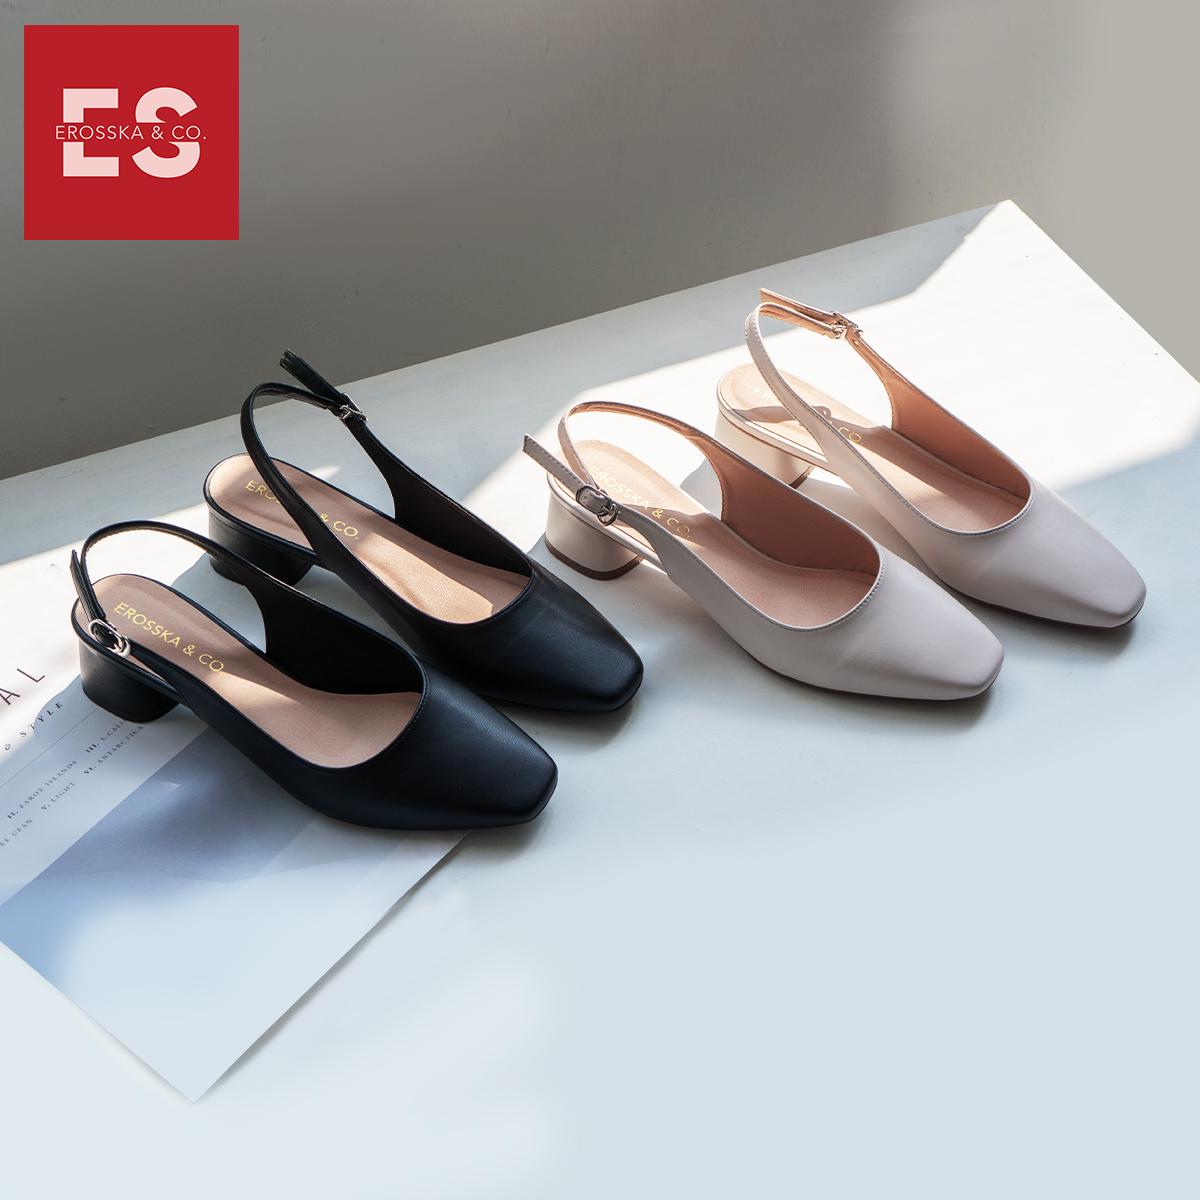 Giày nữ, giày cao gót thời trang Erosska mũi vuông phối dây quai mảnh kiểu dáng basic cao 5cm EL013 (màu nude)